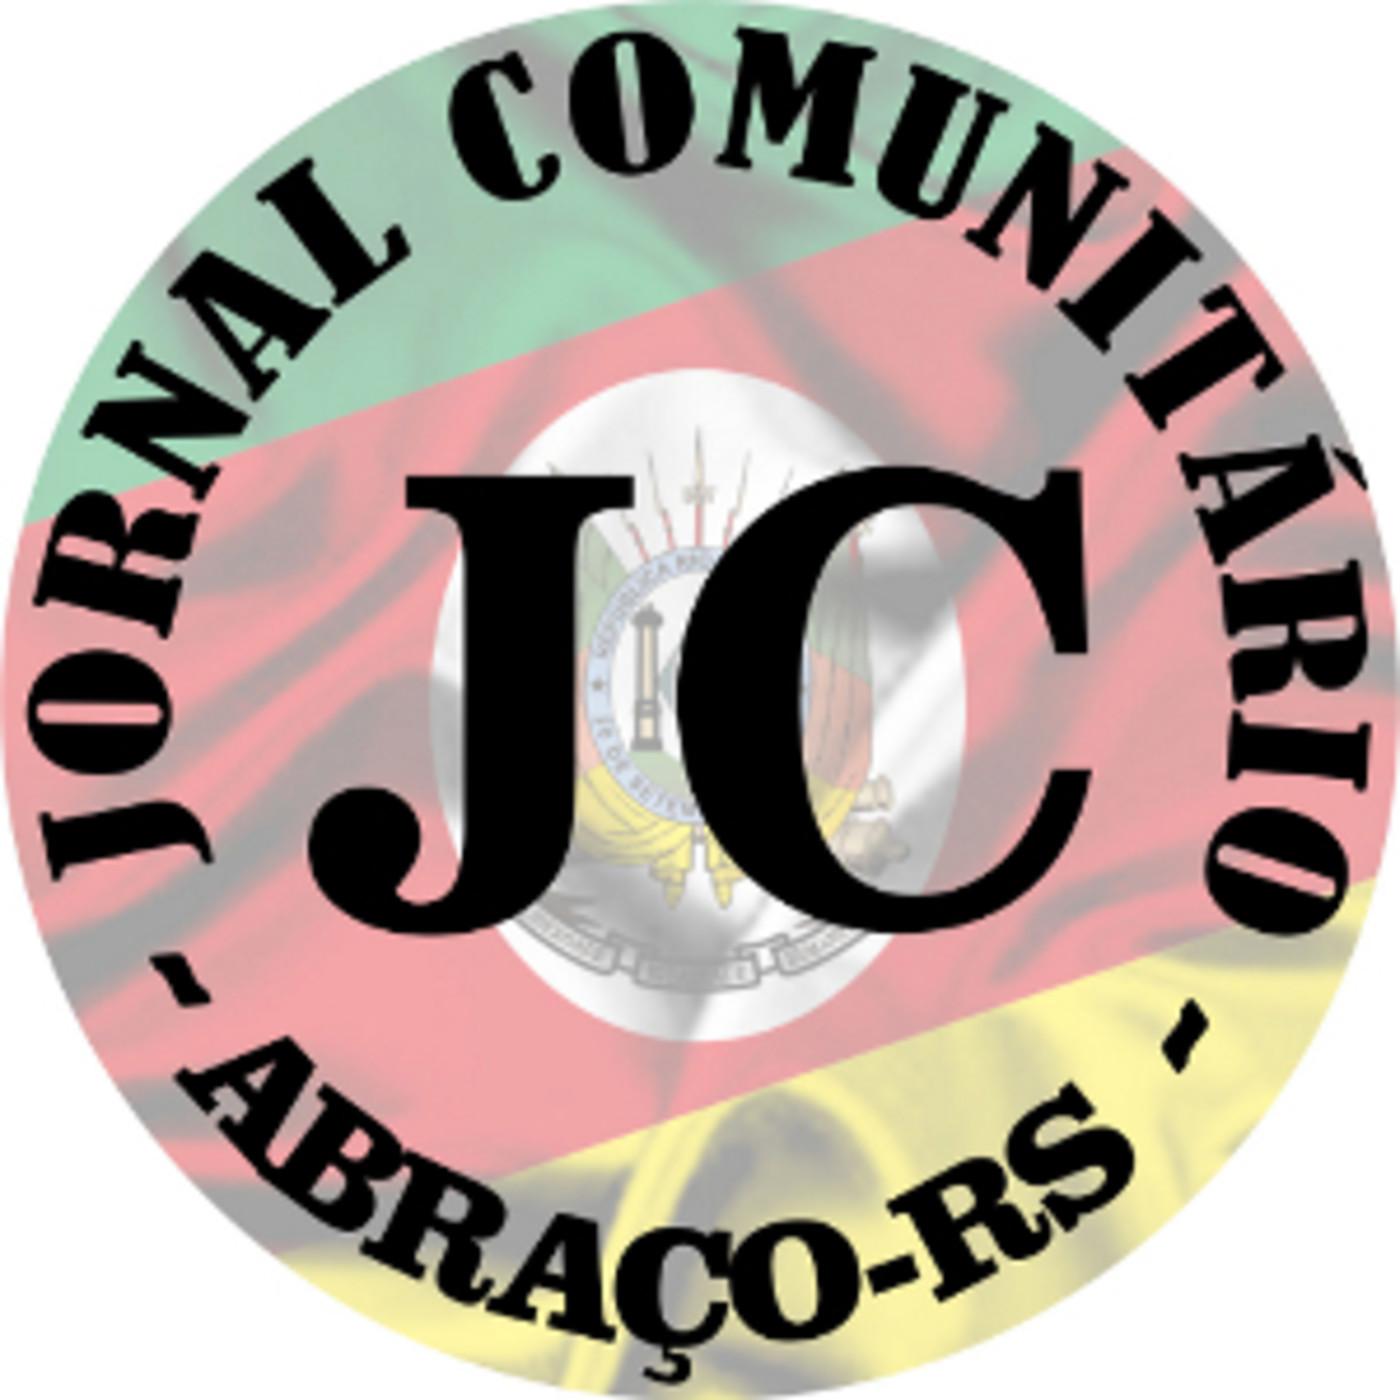 Jornal Comunitário - Rio Grande do Sul - Edição 1928, do dia 20 de janeiro de 2020.